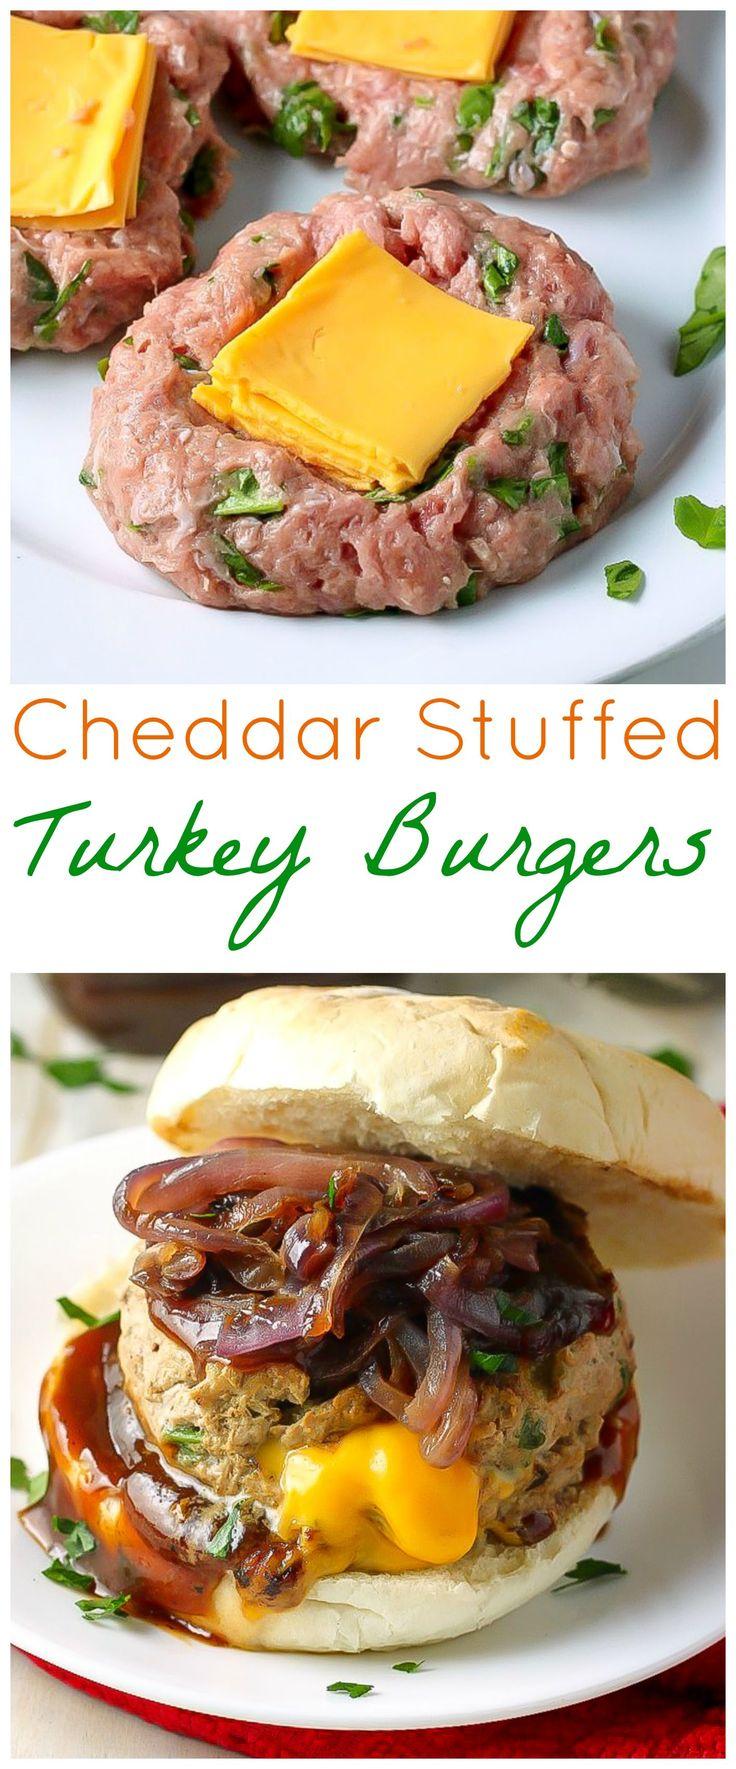 Cheddar Stuffed BBQ Turkey Burgers